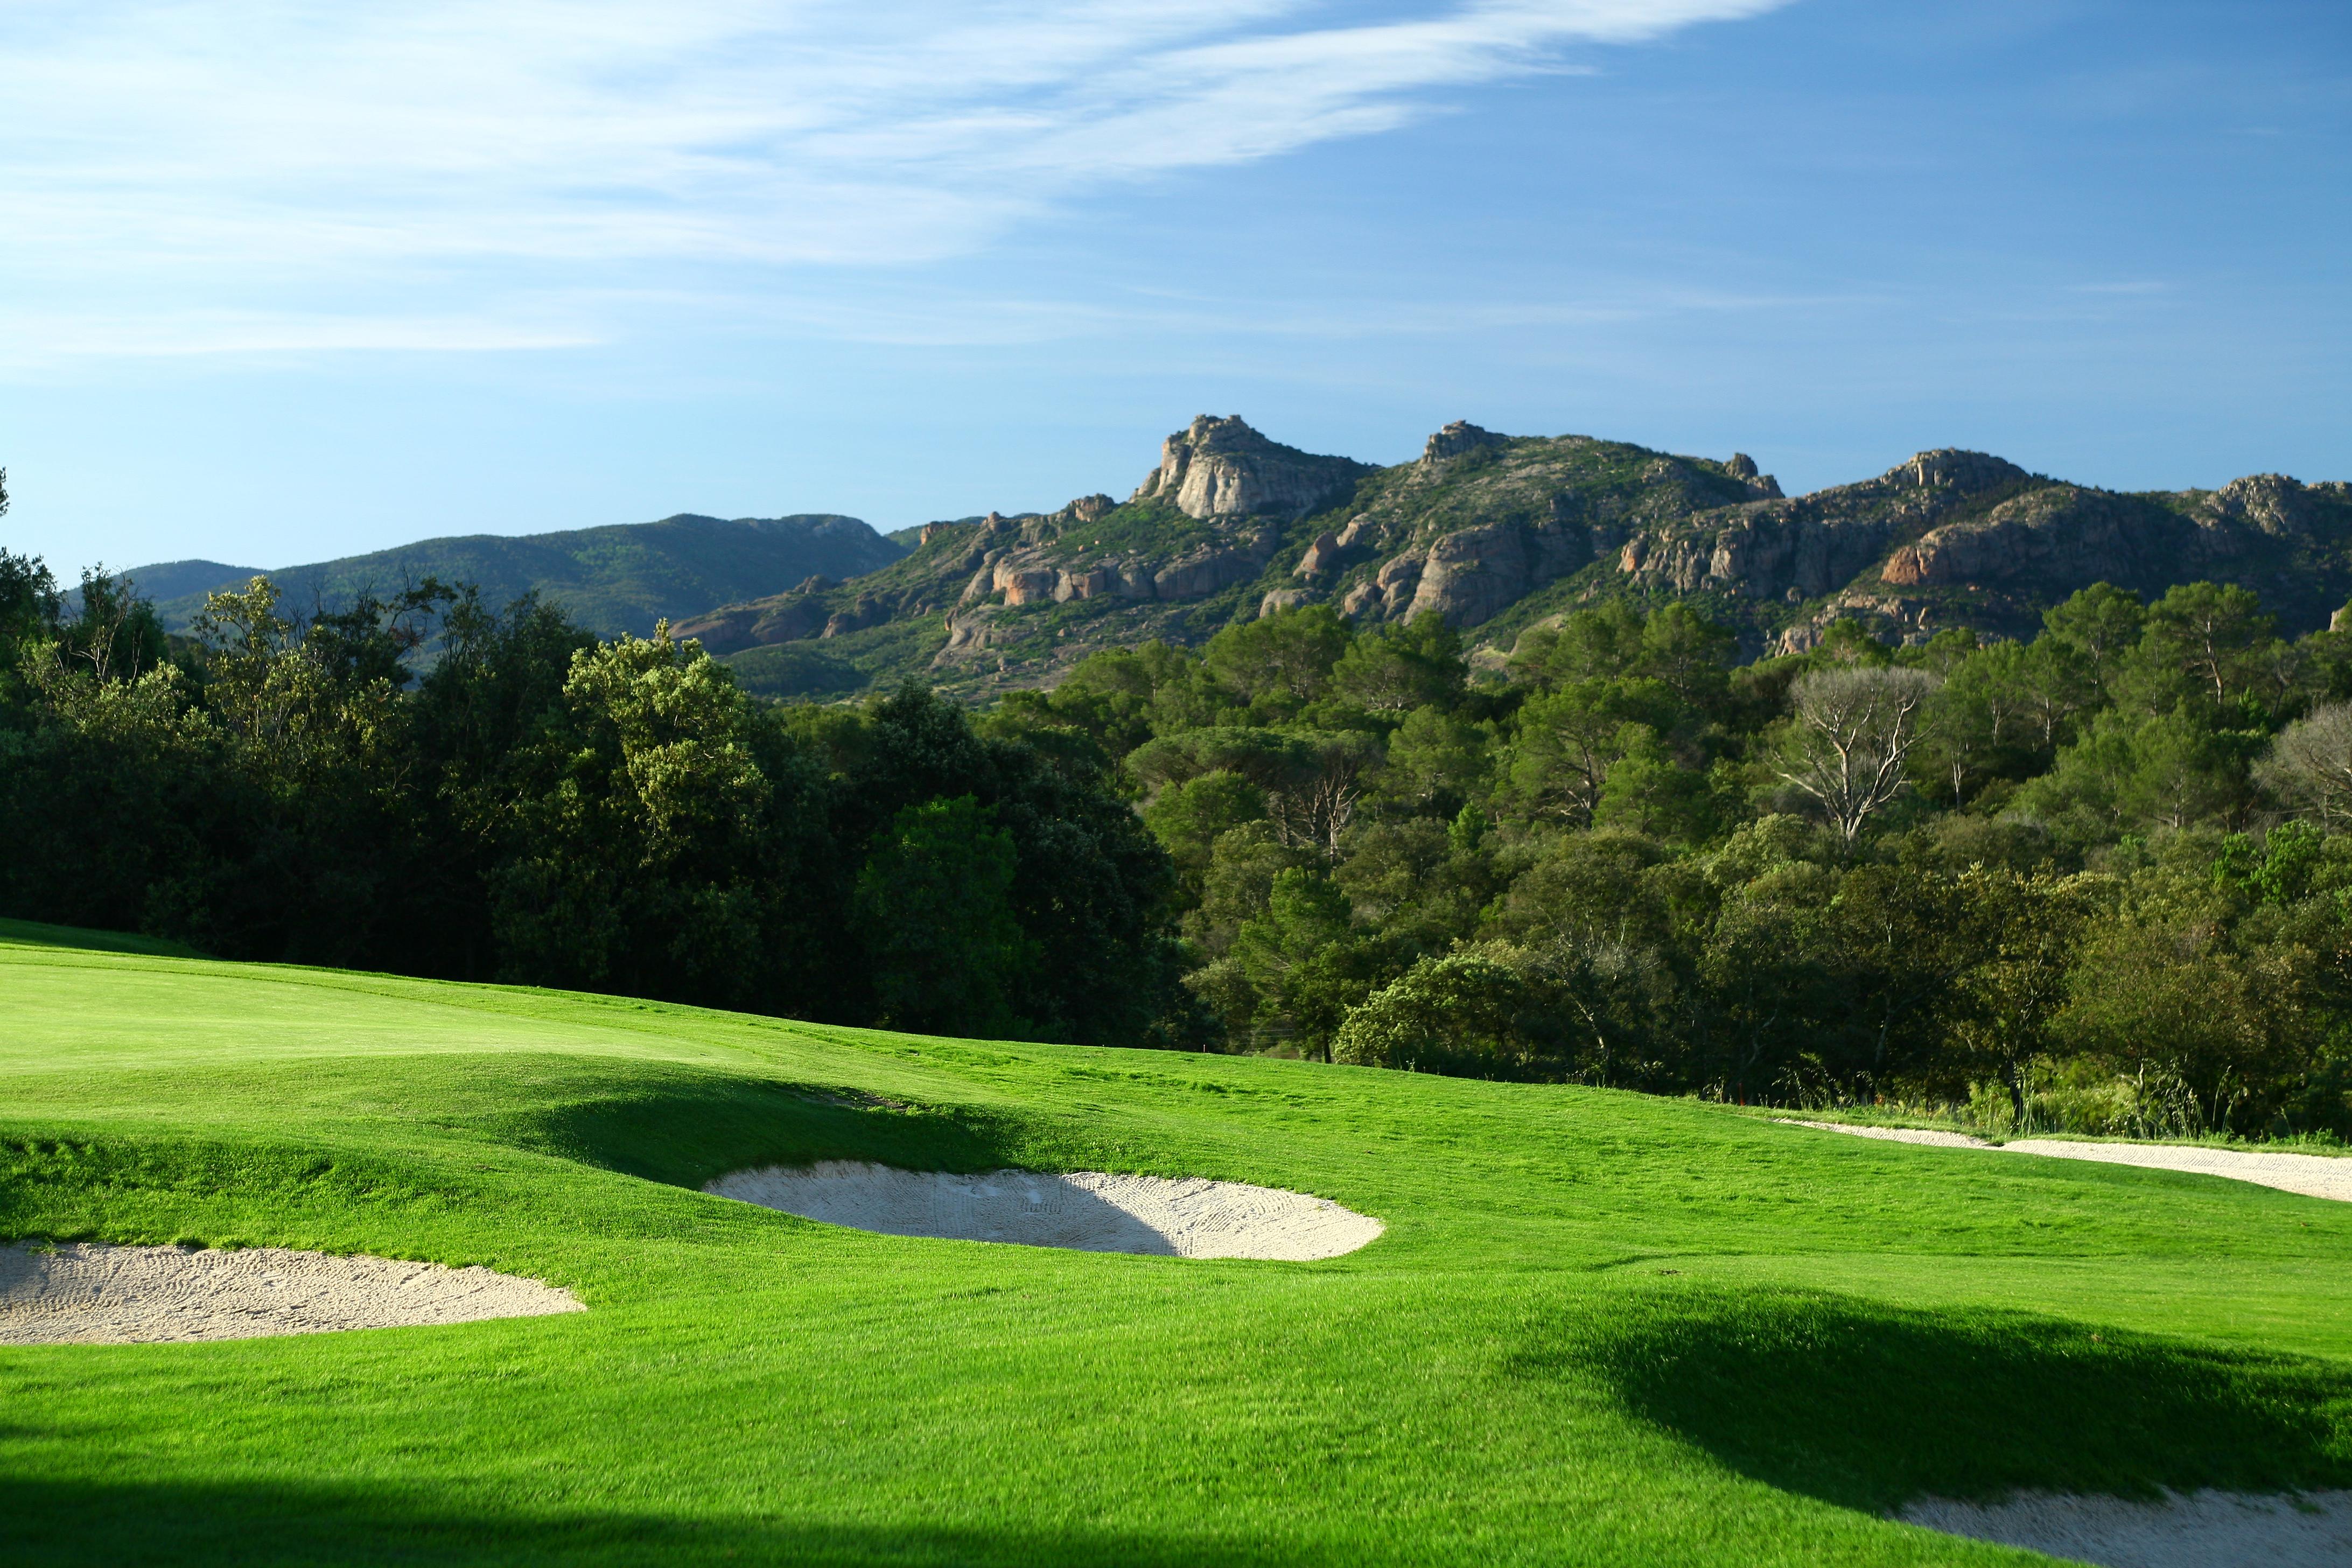 golf-expedition-golf-reizen-frankrijk-regio-cote-d'azur-Les-Domaines-de-Saint-Endréol-Golf-en-Spa-Resort-golfbaan-met-bunkers-en-bergen-uitzicht